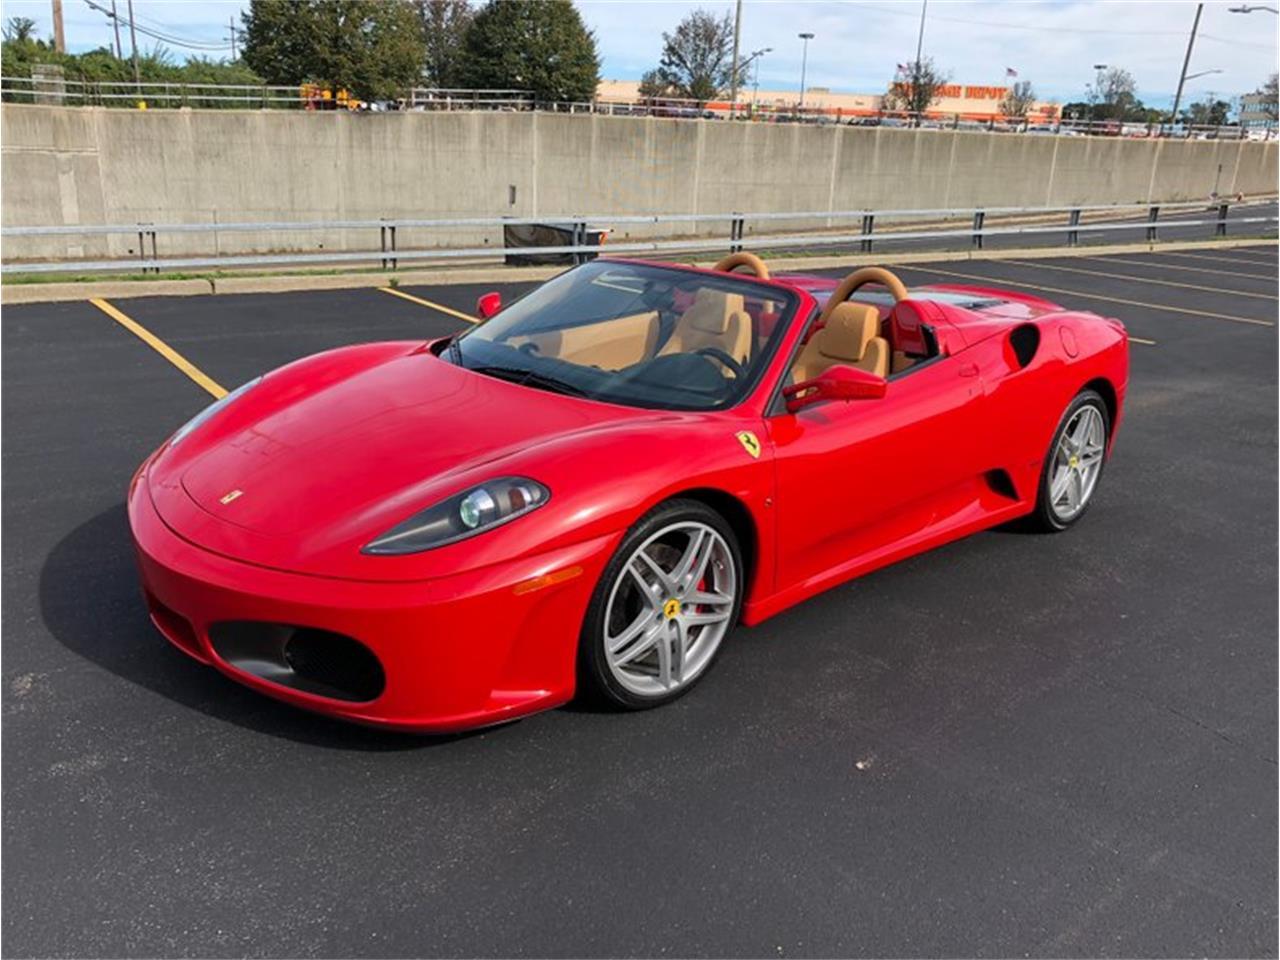 2007 Ferrari 430 (CC-1253194) for sale in West Babylon, New York